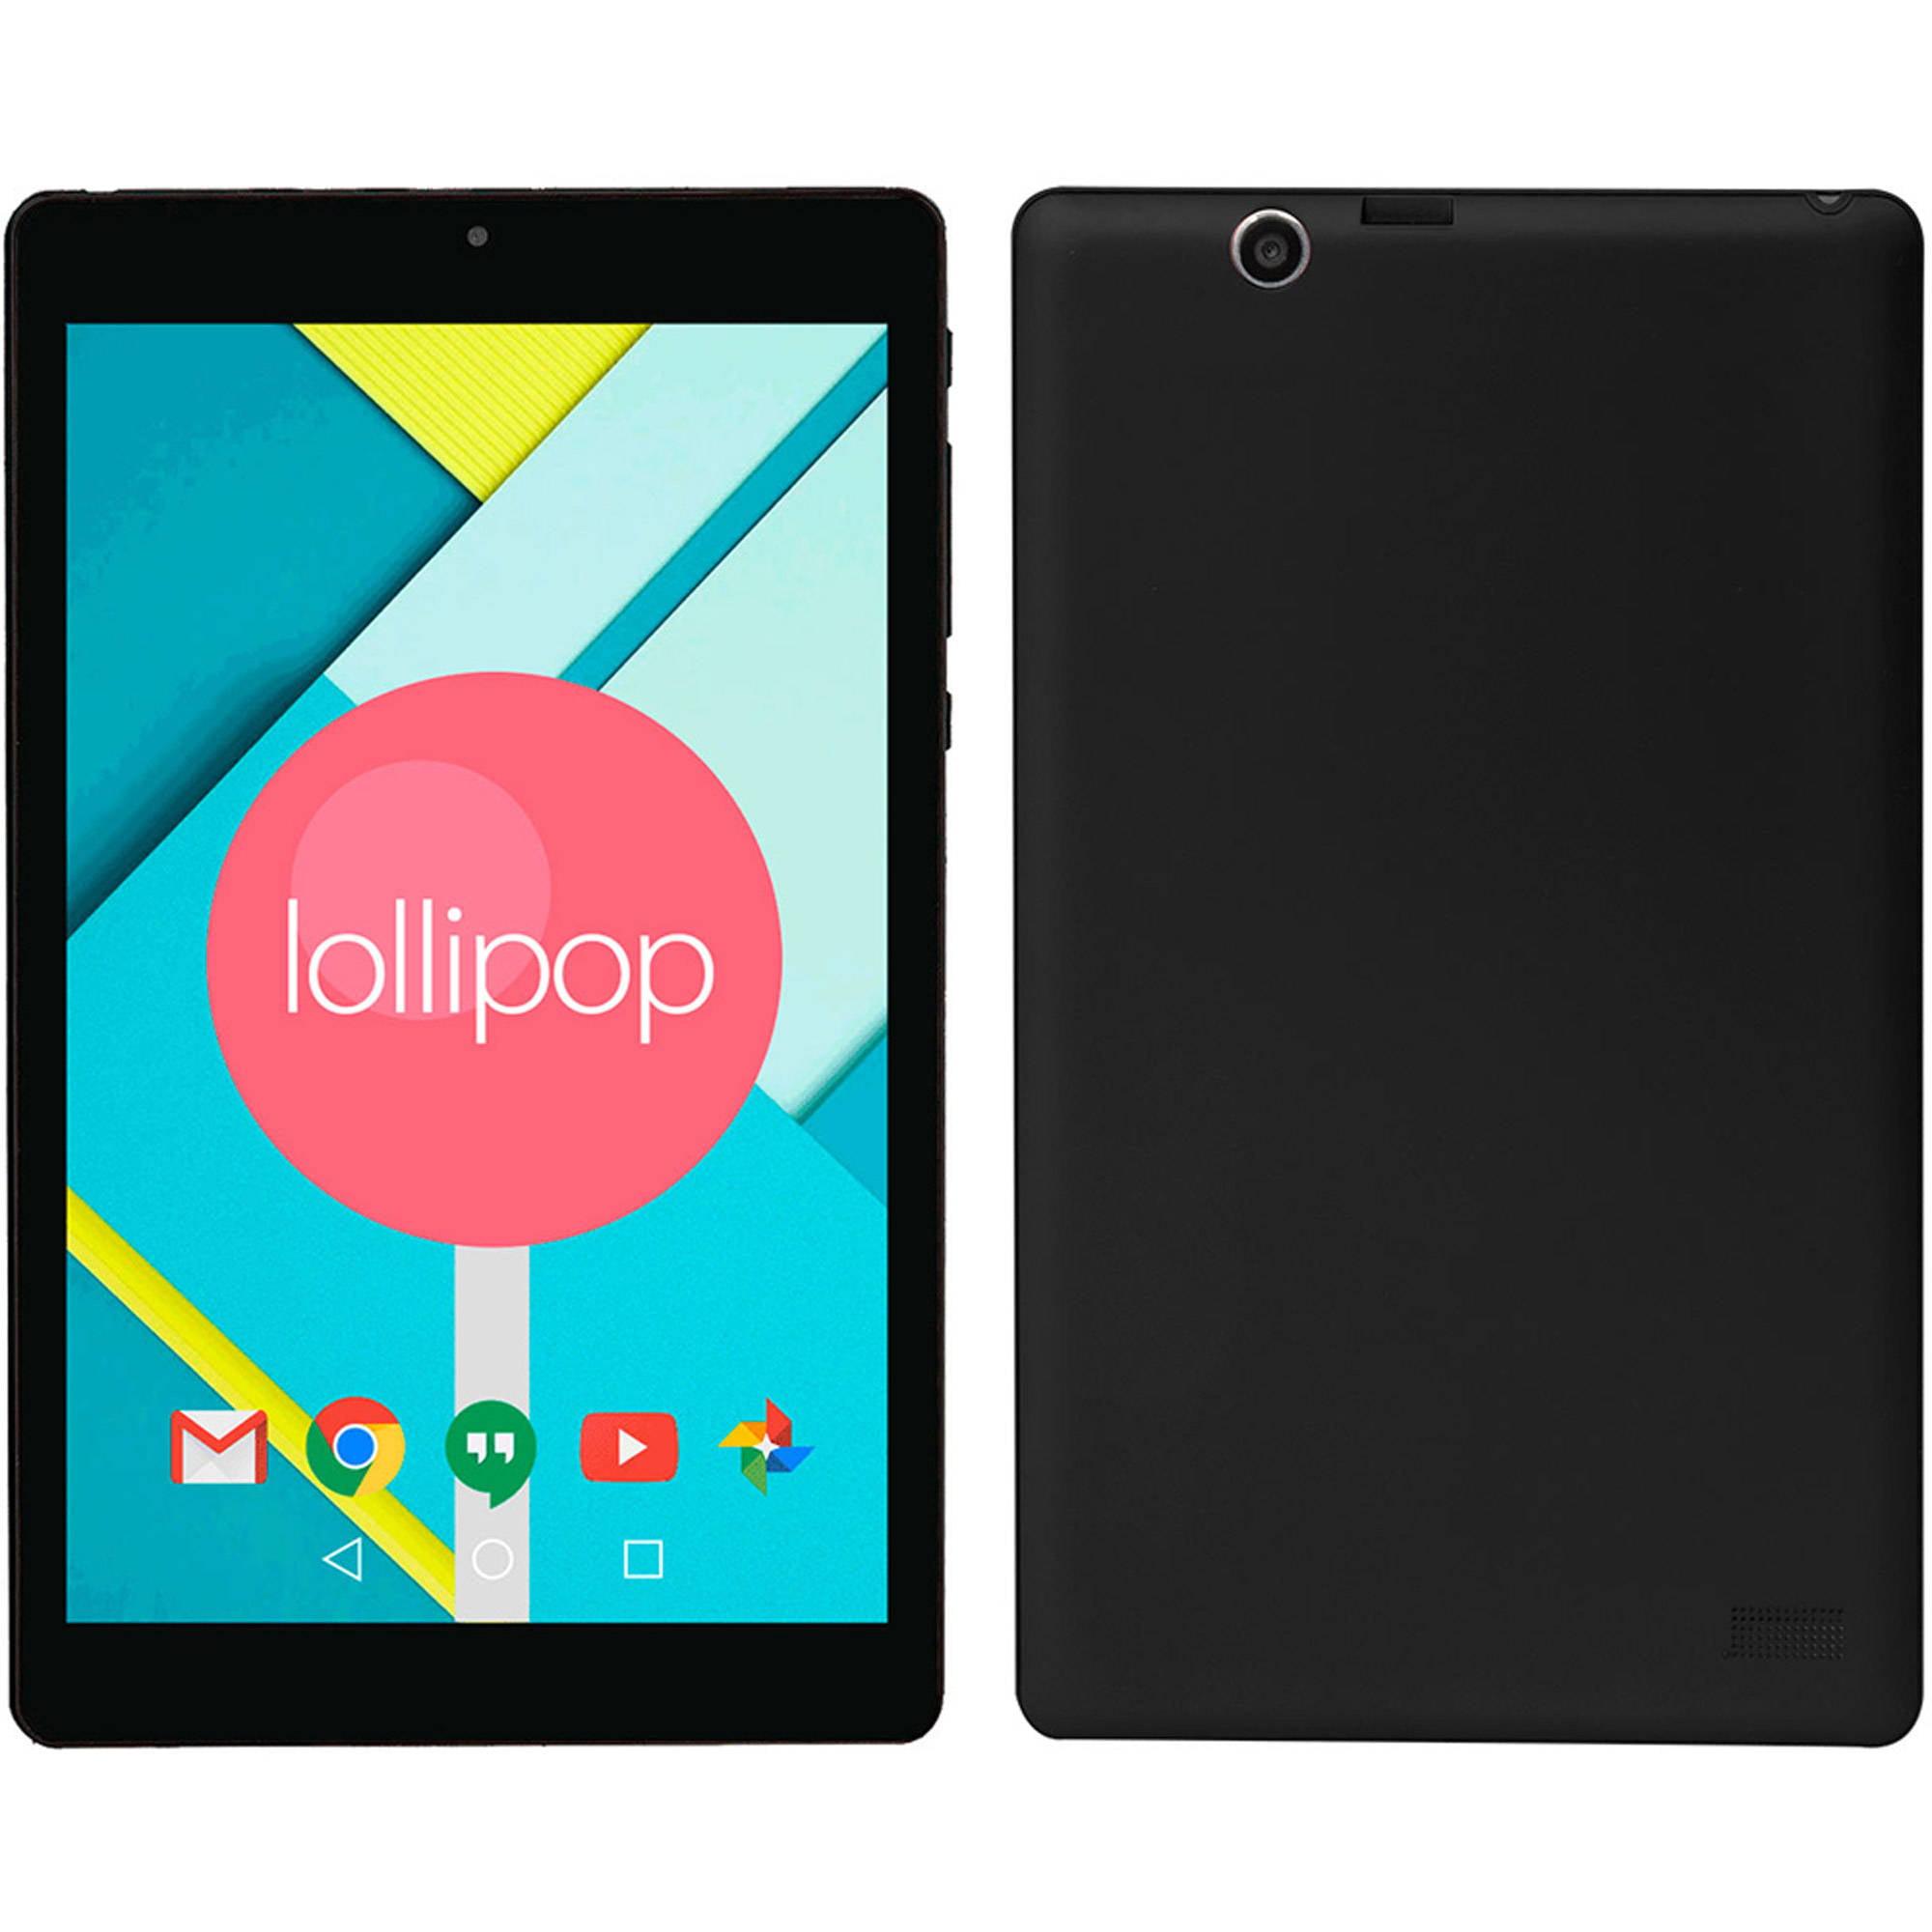 """Nextbook Ares 8"""" Tablet 16GB Intel Atom Z3735G Quad-Core Processor"""